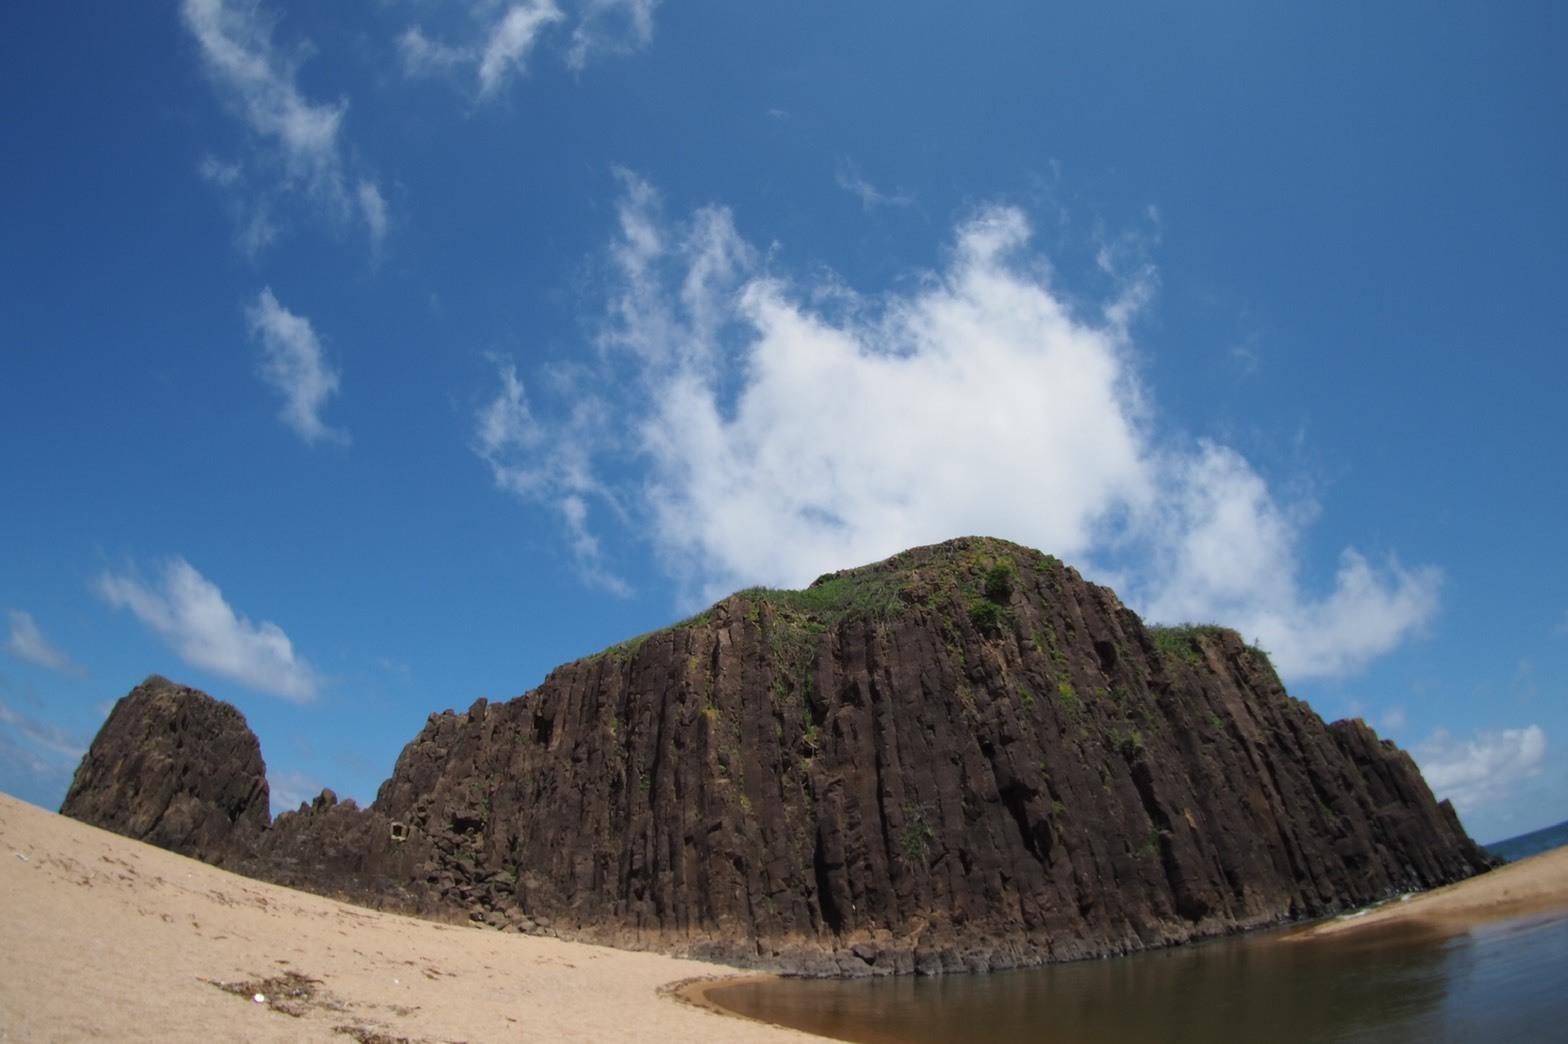 ぴーきち&ダイナ ハーレーブログ 京都丹後半島ツーリンング 立岩